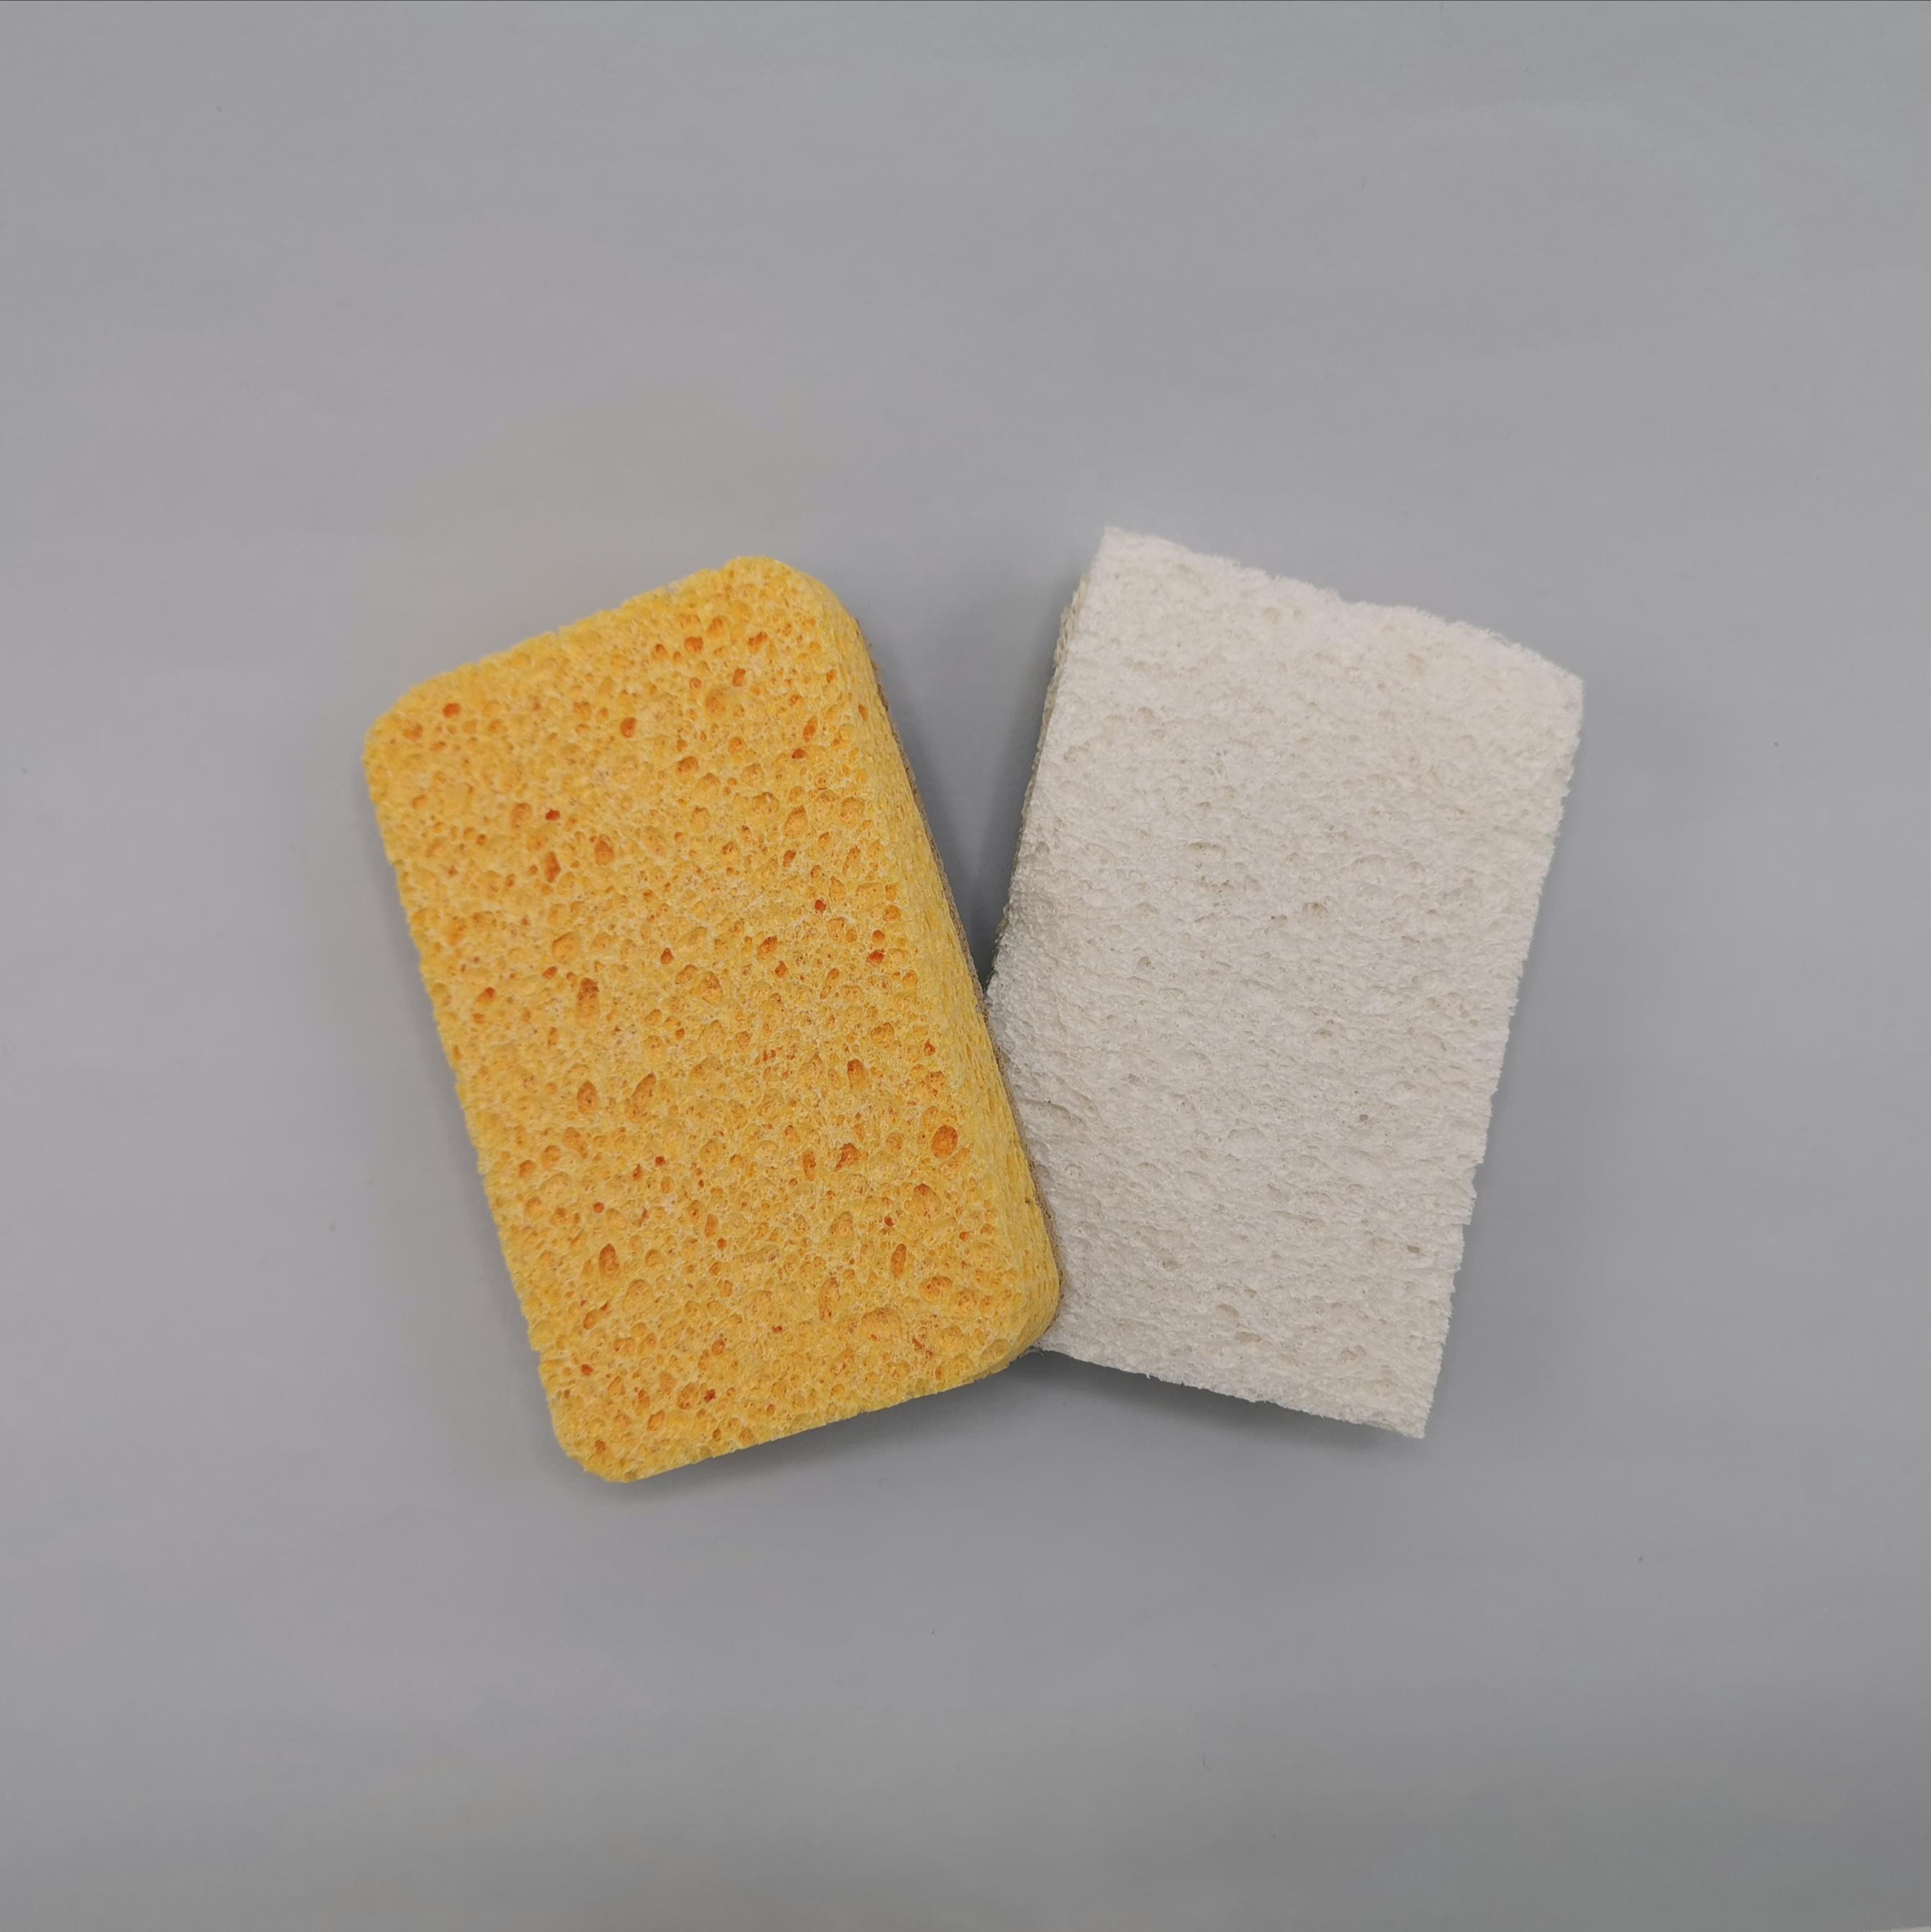 Compostable Sponge and Scourer Set